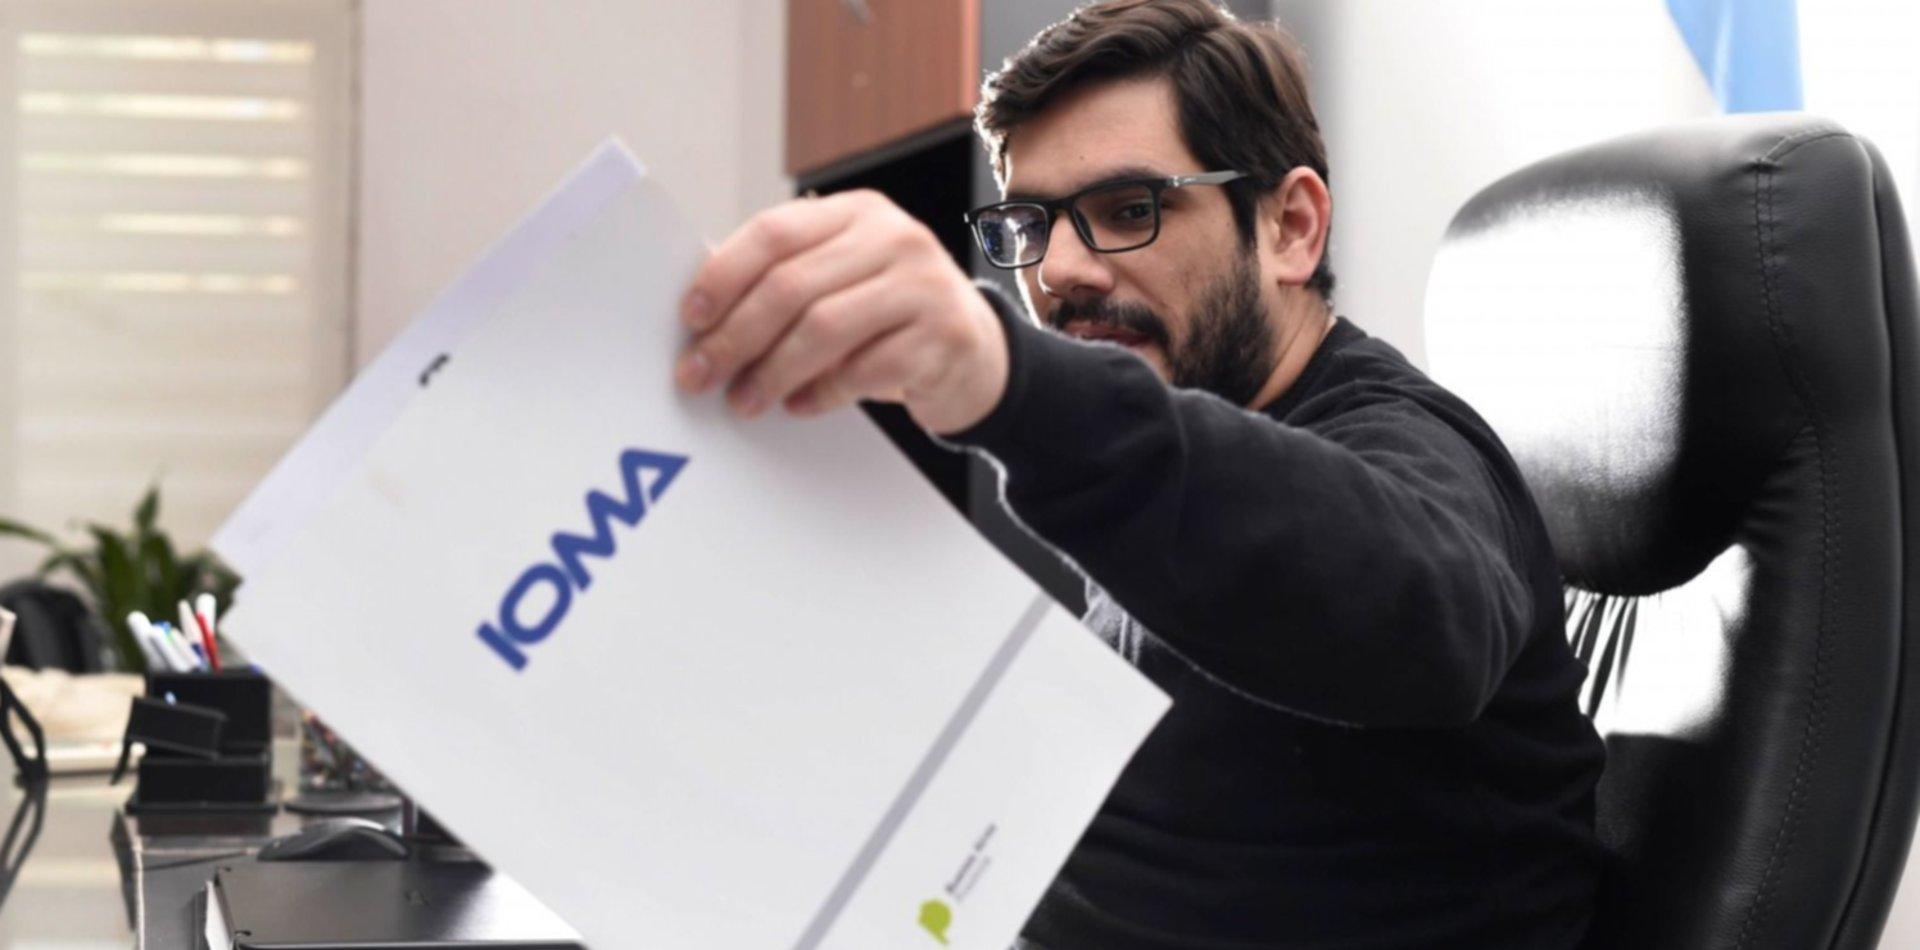 Estafas, sobreprecios y deudas: las irregularidades en la relación de IOMA y la AMP